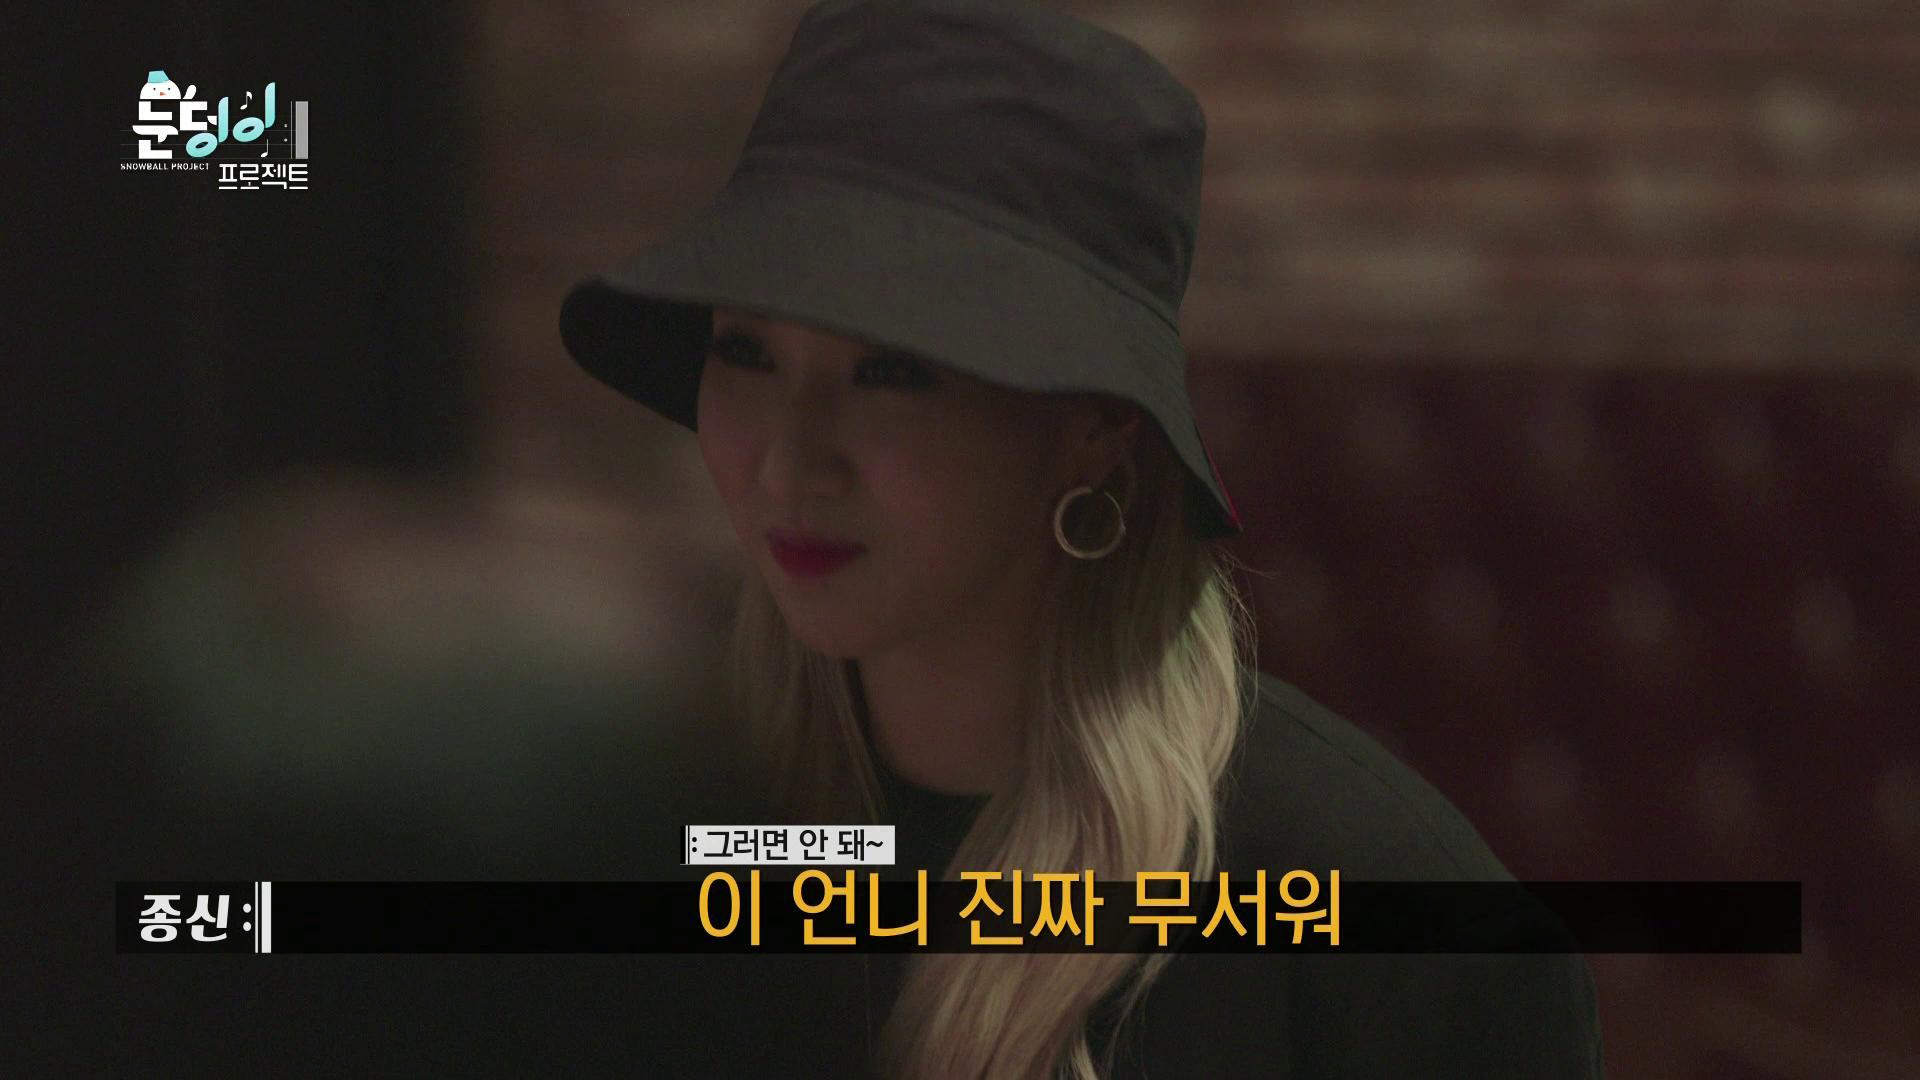 눈덩이 프로젝트 EP.34 - SMx미스틱 두 번째 눈덩이 Cross!